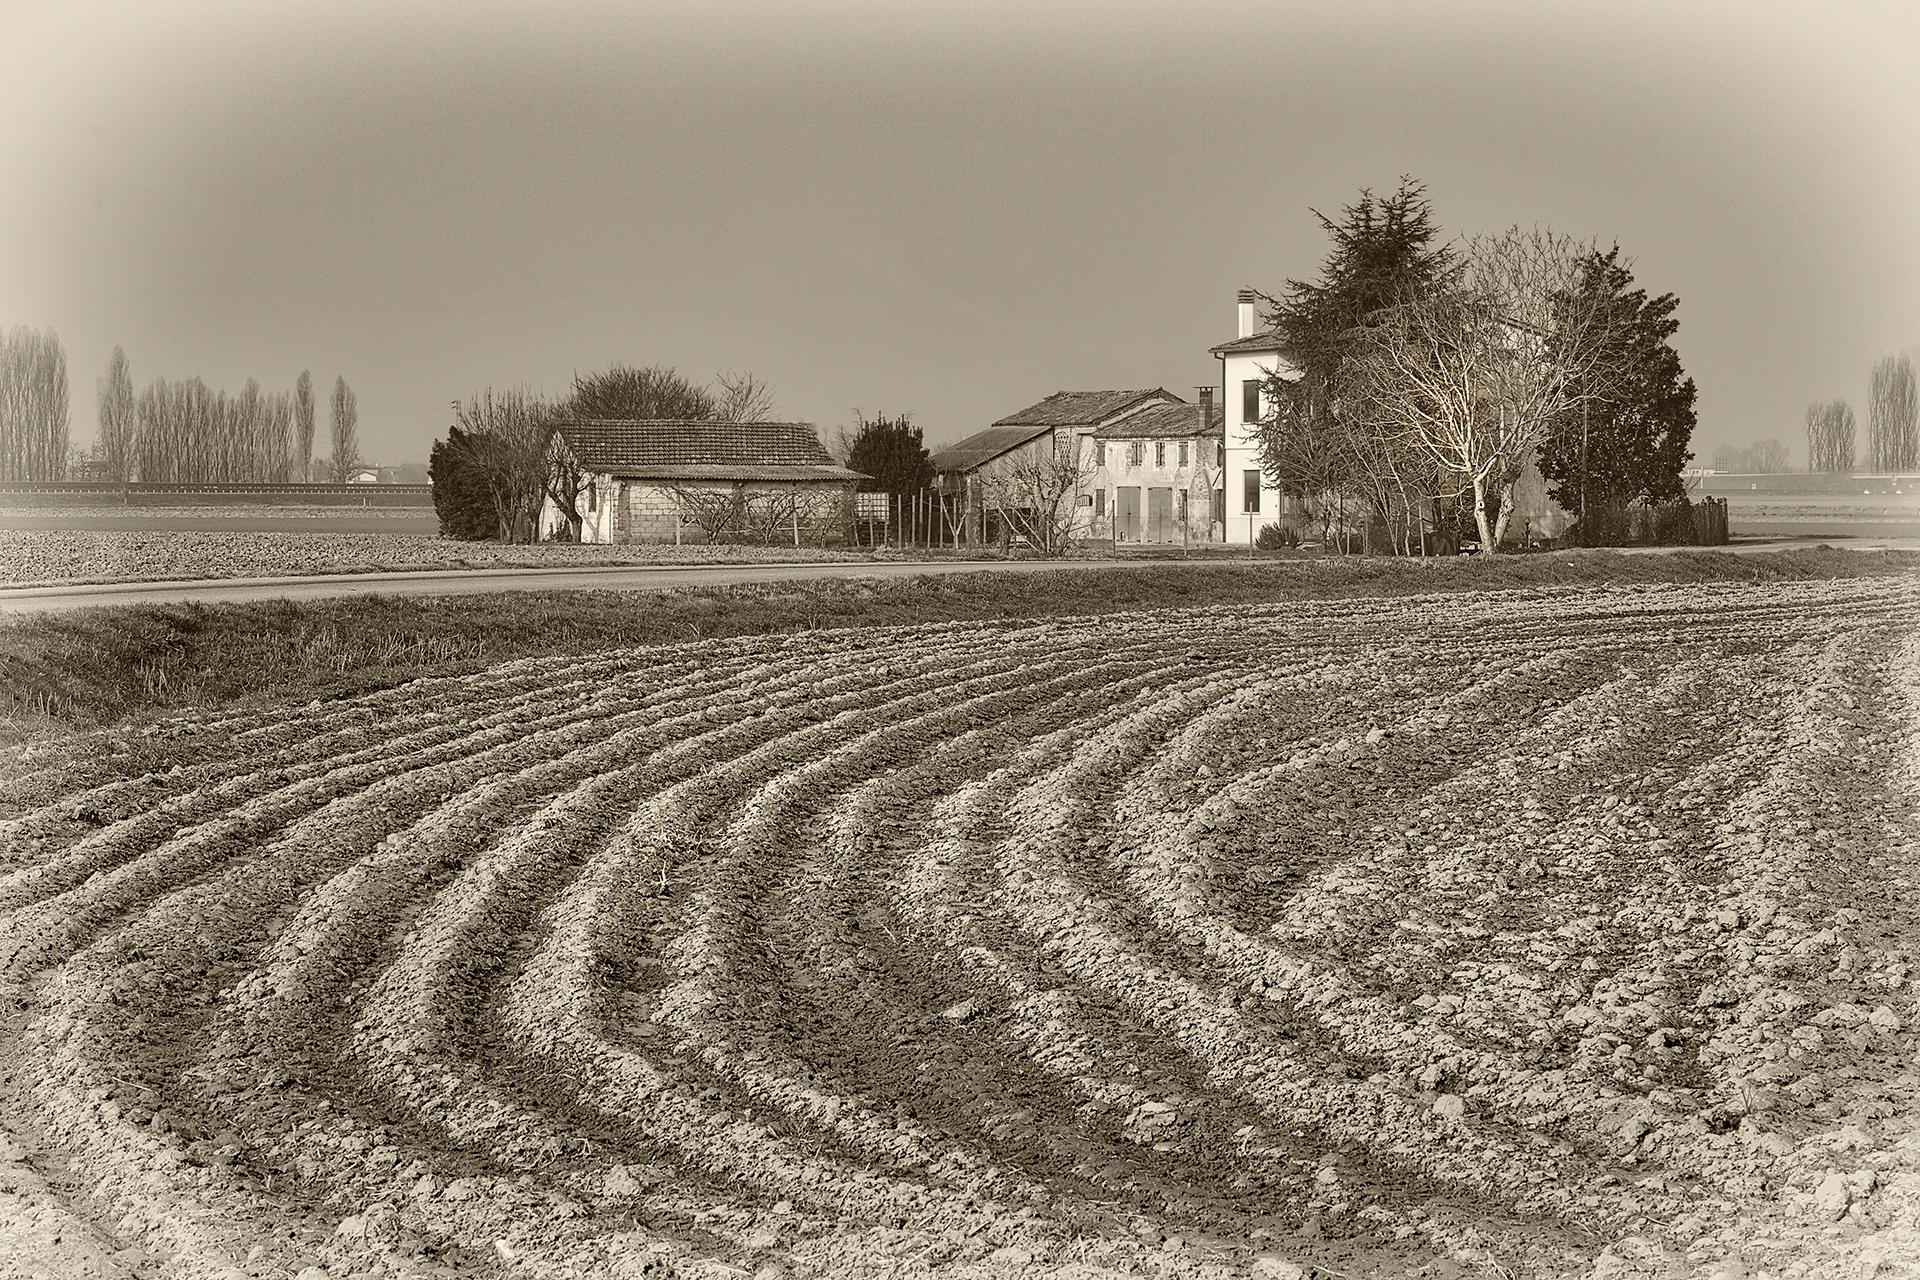 Farm...